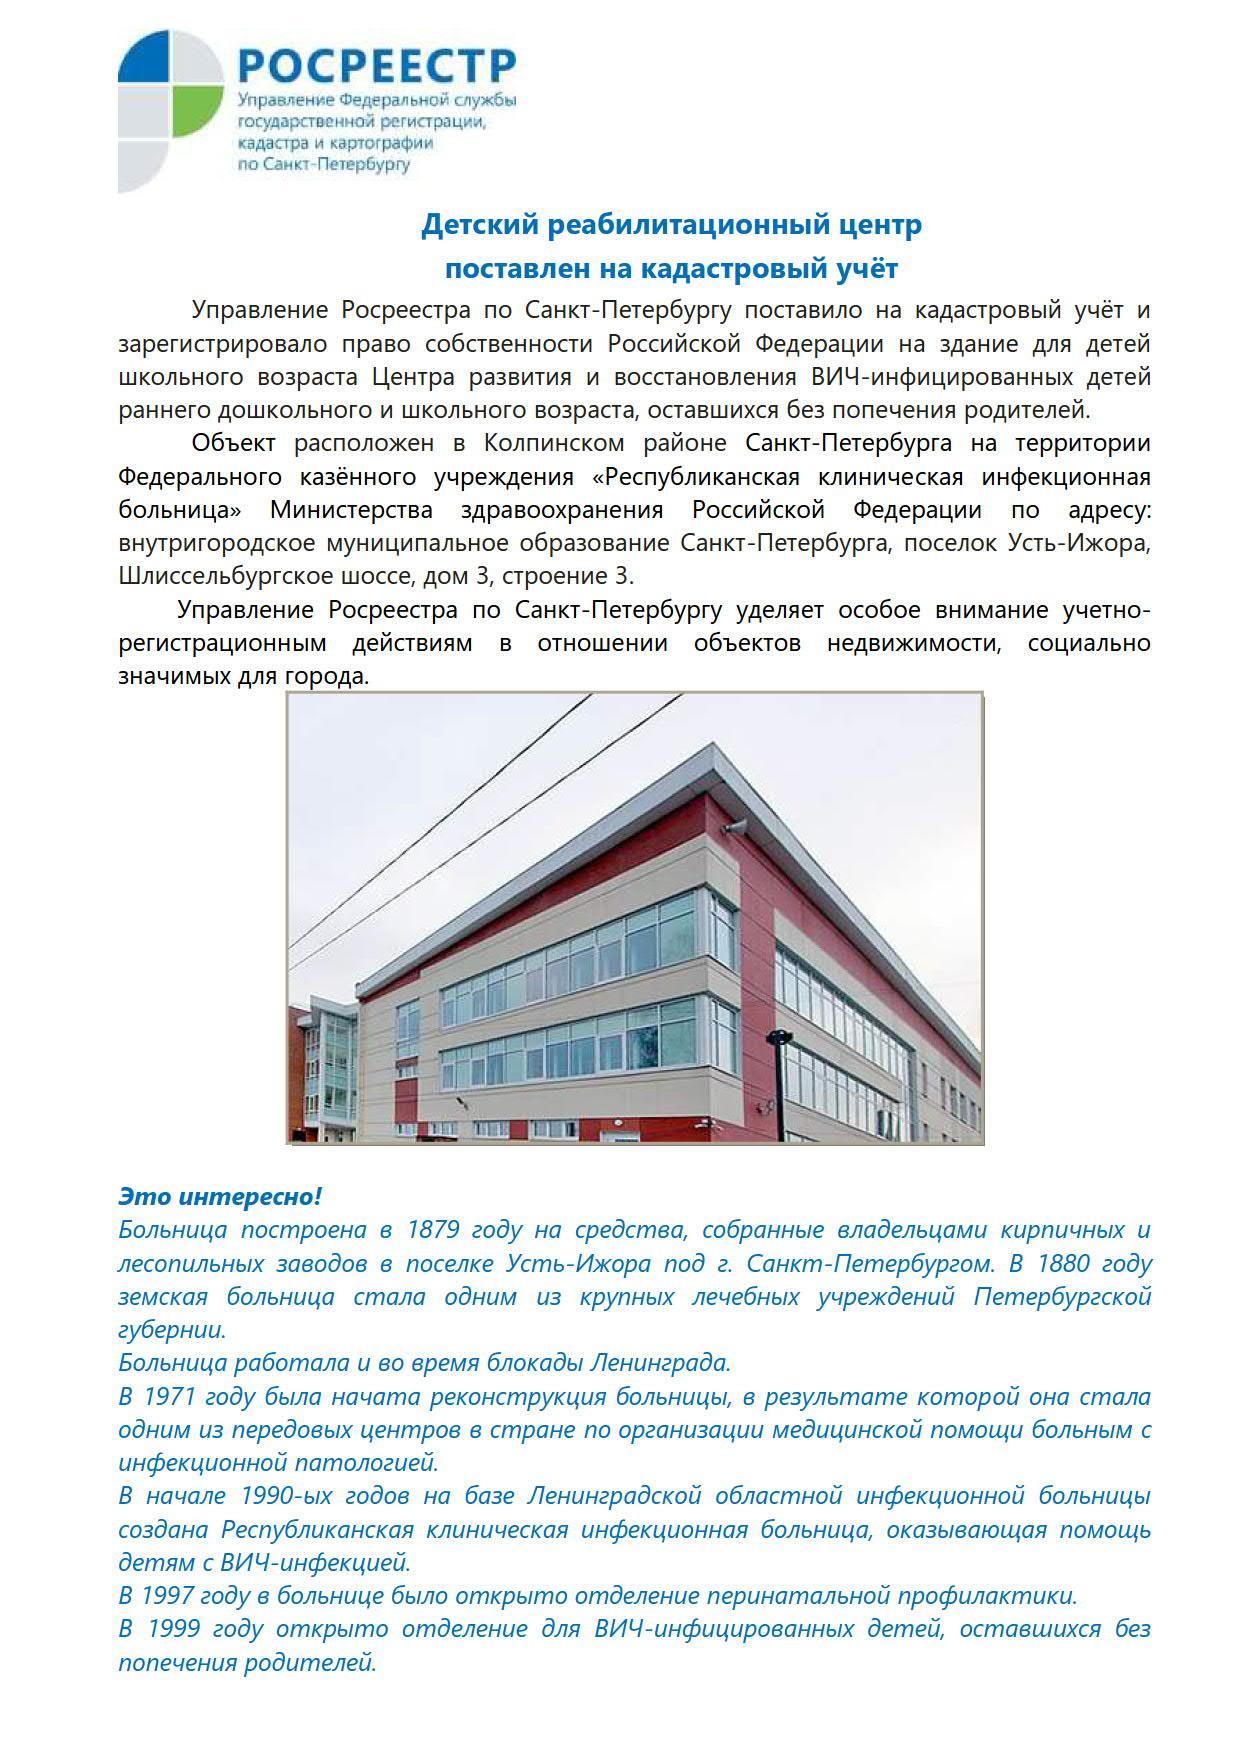 Детский реабидитационный центр поставлен на кадастровый учёт_1